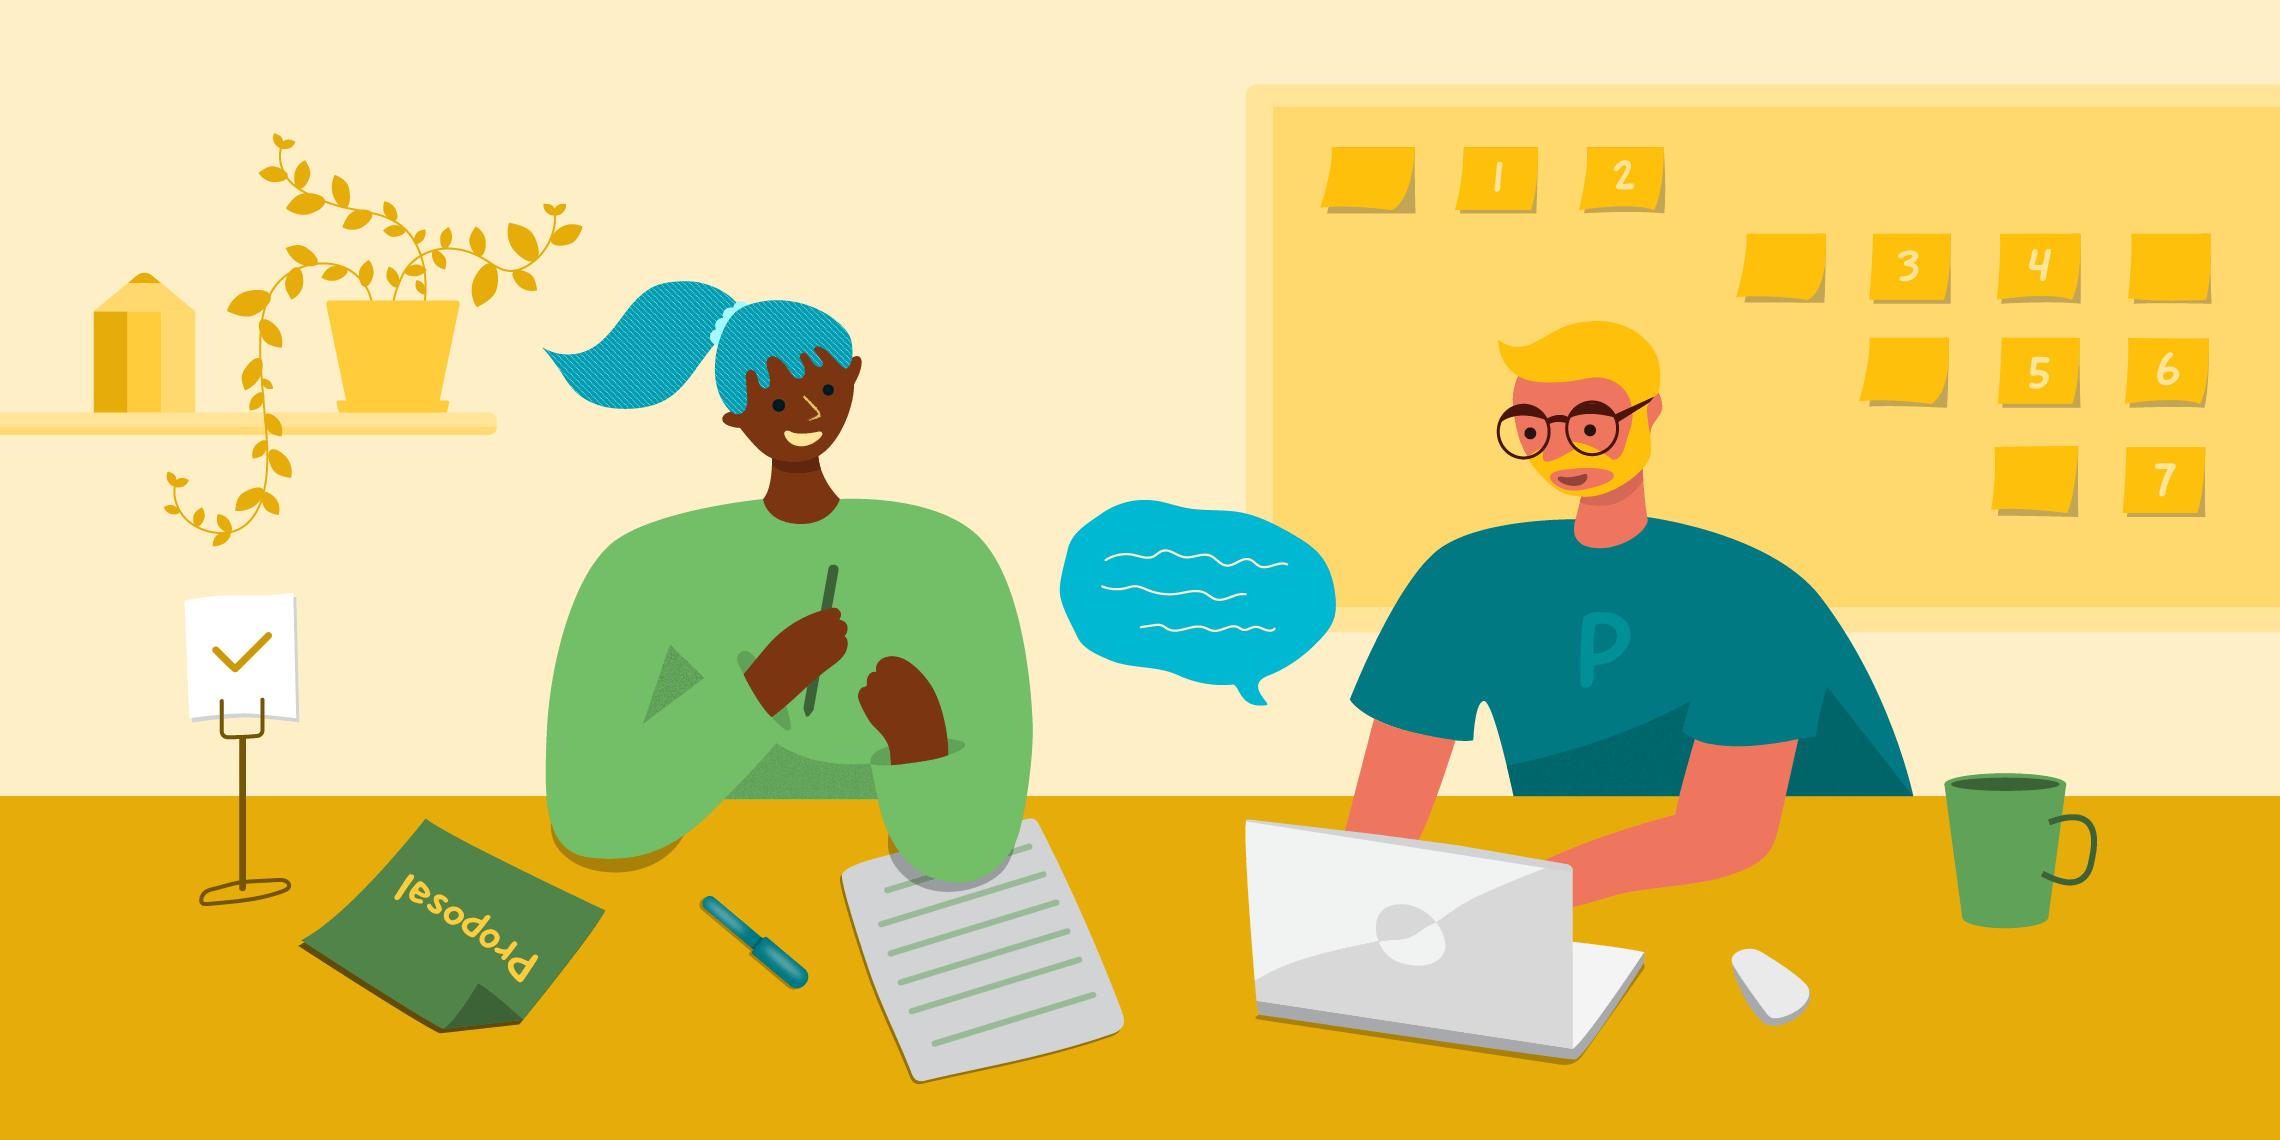 Plain language proposal writing tips